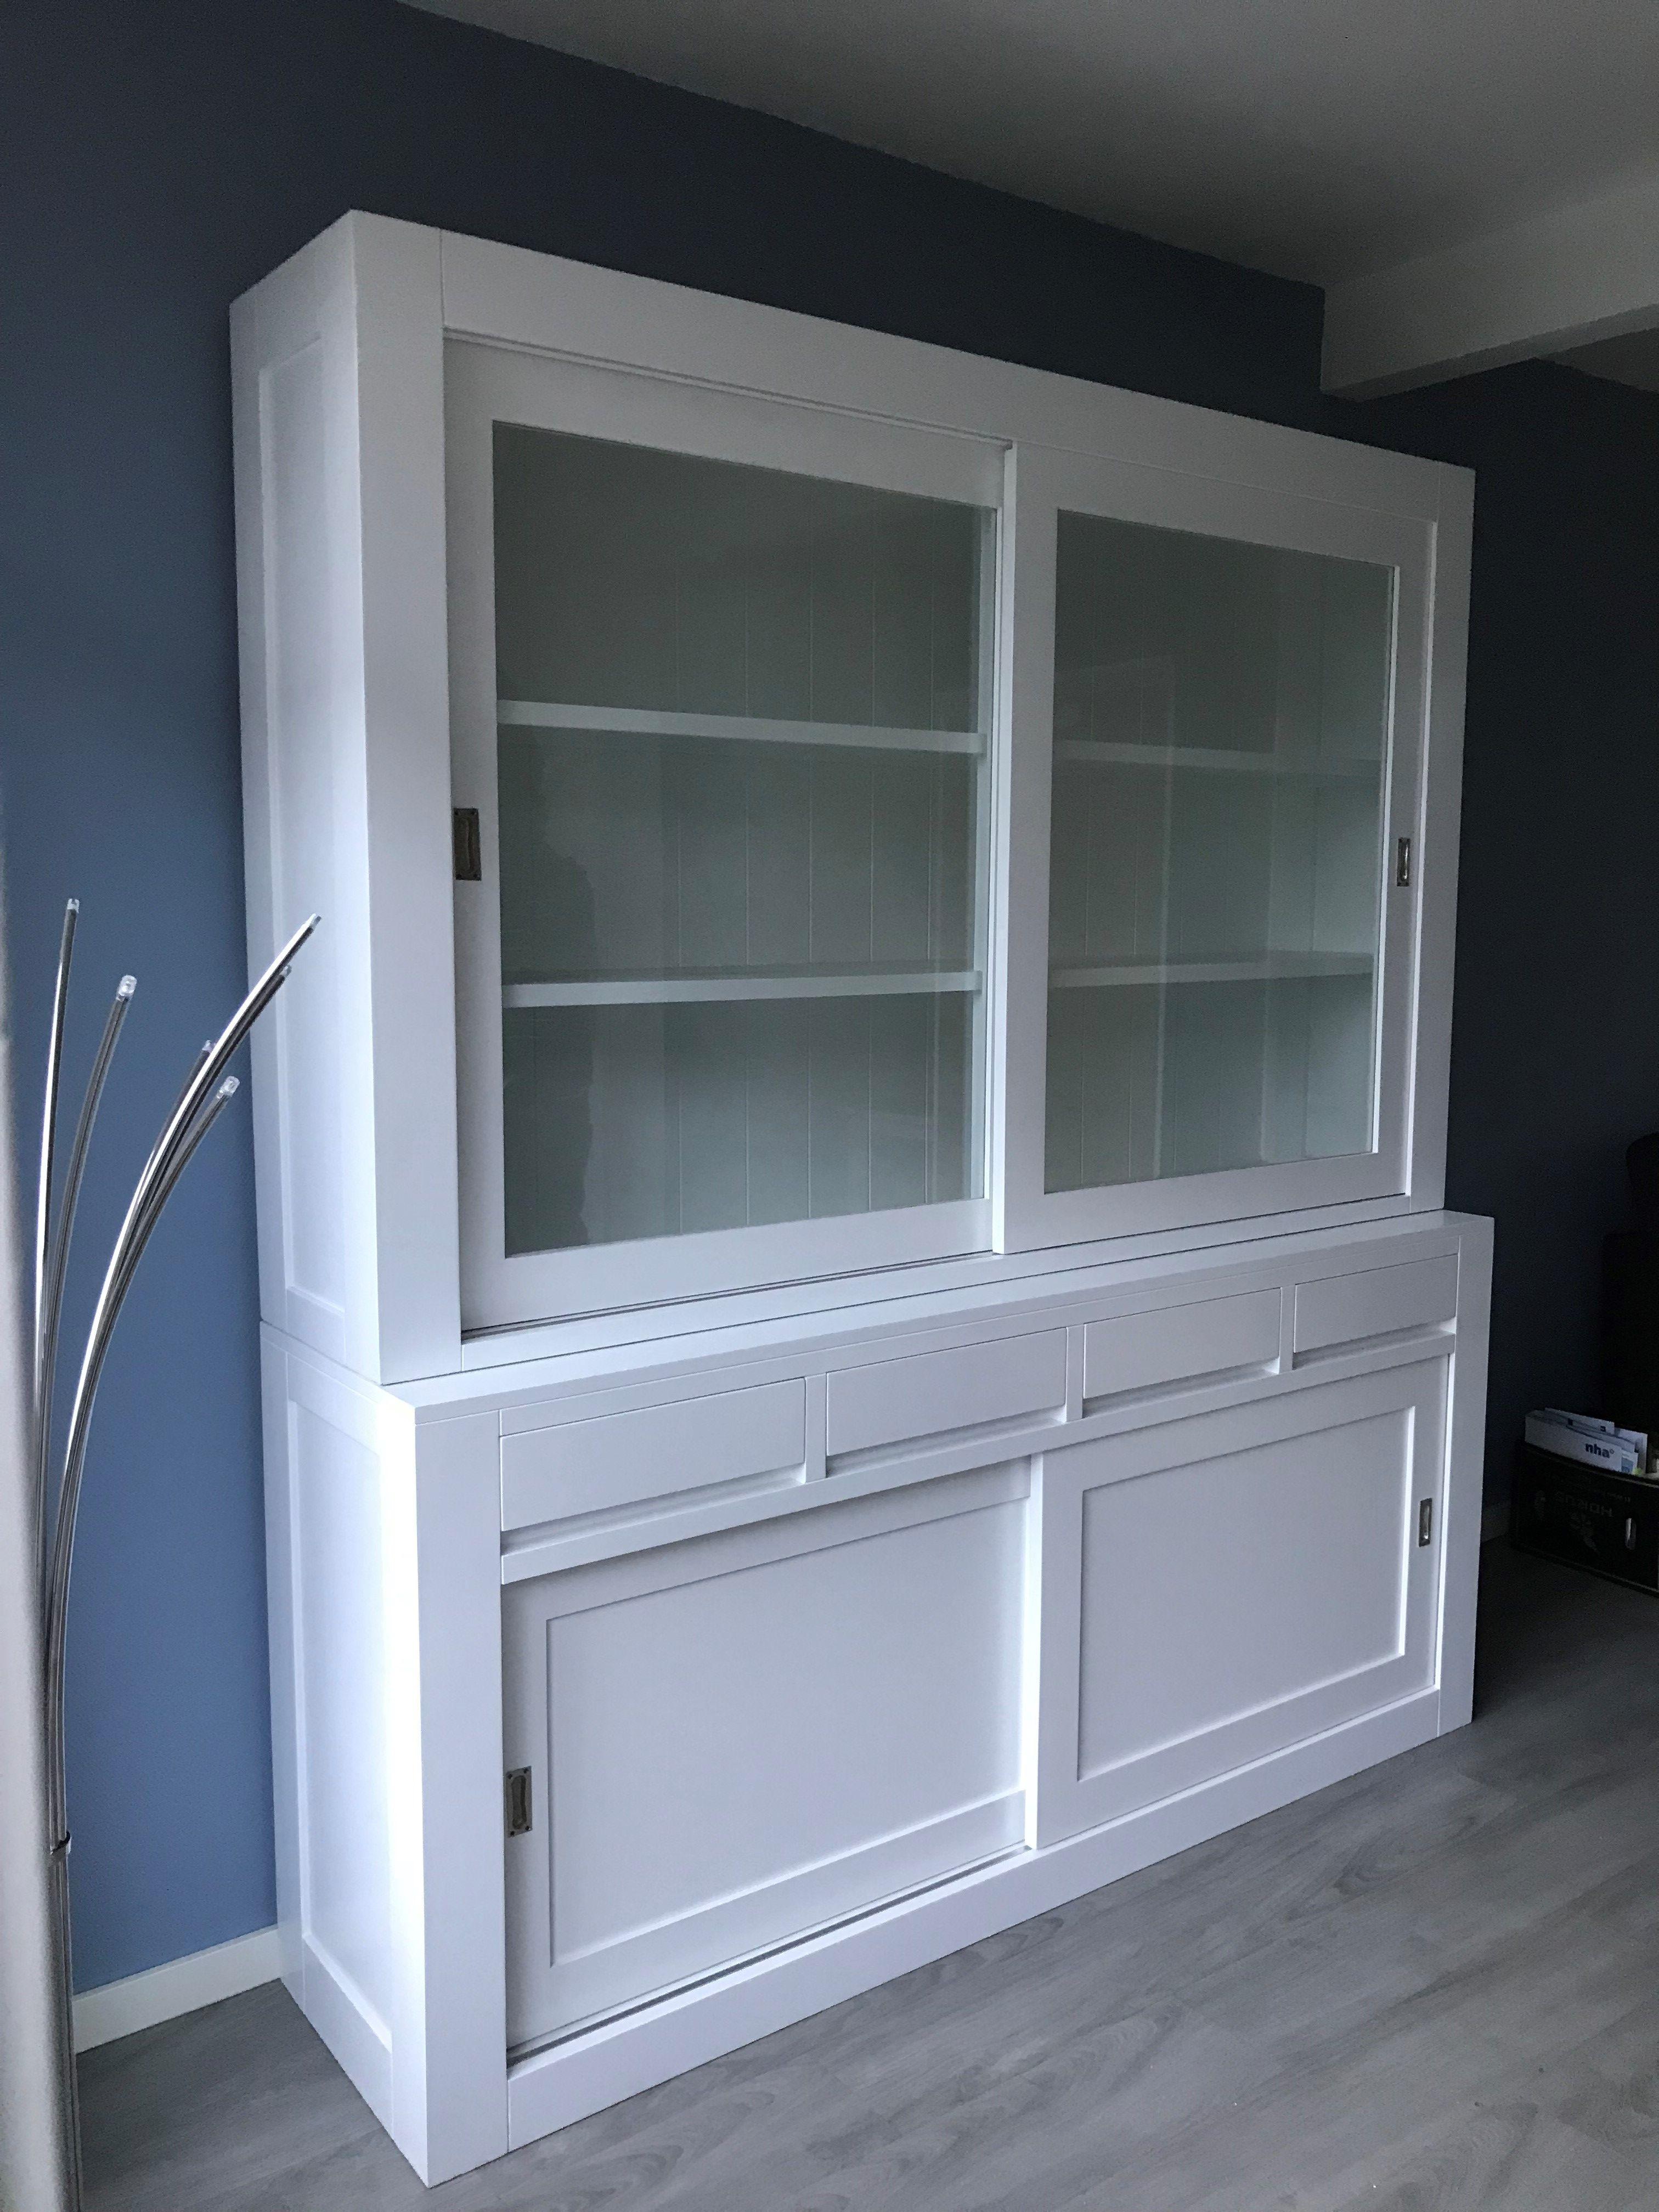 Strakke Design Buffetkast In Het Wit Met Brede Schuifdeuren En Greeploze Laden 200cm Breed Buffetkast Huisdesign Huis Interieur